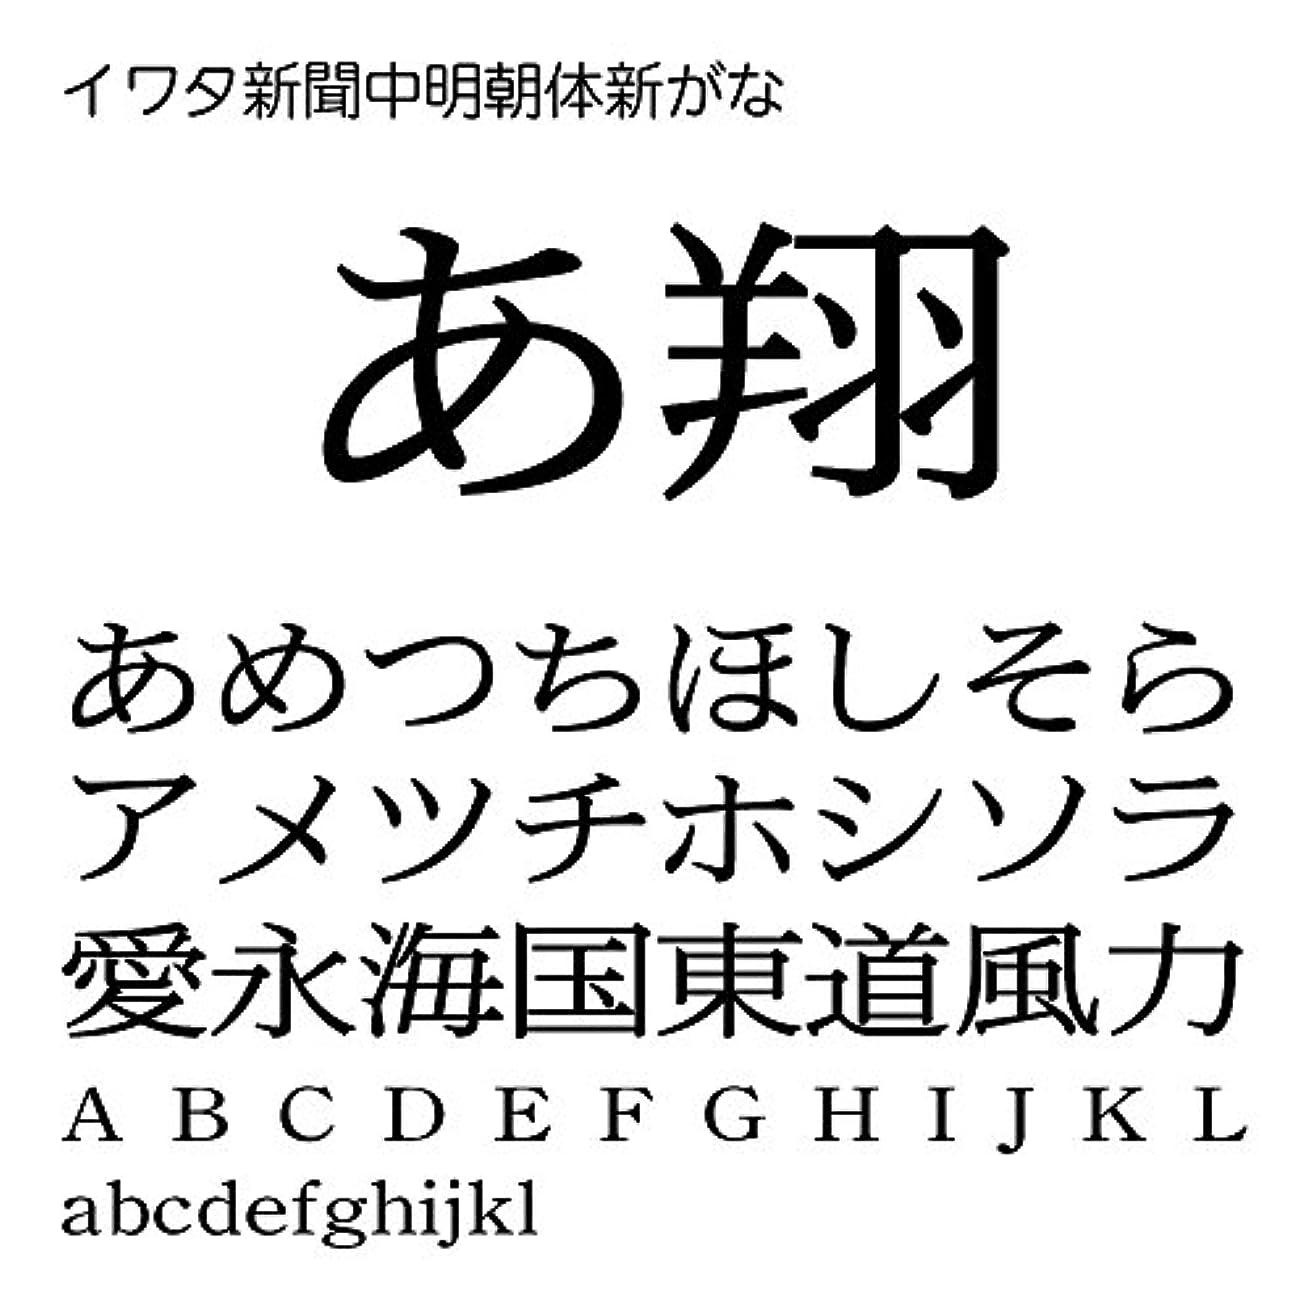 リビングルームアルカイック生理イワタ新聞中明朝体新がなStd OpenType Font for Windows [ダウンロード]